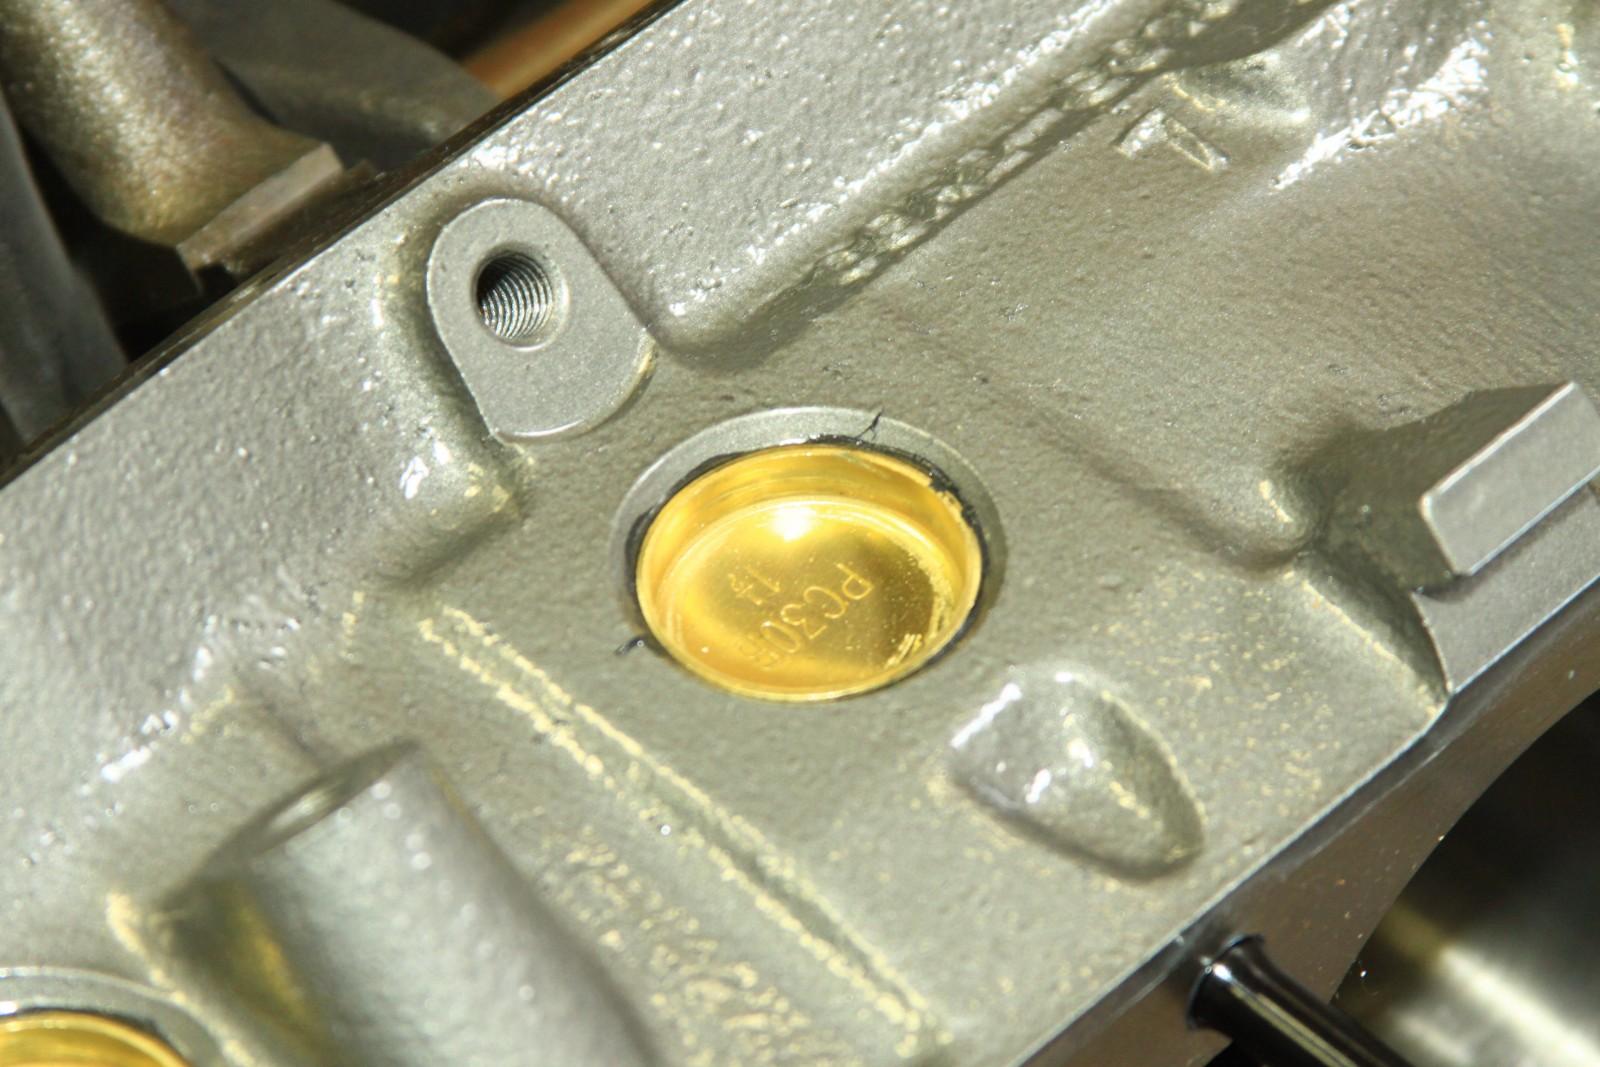 gm 3.4l engine diagram, 3.4 liter gm engine performance, gm engine parts diagram, 2.2 liter engine diagram, chevy impala 3.4 engine diagram, 5.3 liter chevy engine diagram, gm oldsmobile intrigue serpentine belt diagram, gm 3100 engine diagram, pontiac 3.4 engine diagram, chevrolet 3.4 engine diagram, 3.4 sfi engine diagram, 2000 chevy venture vacuum hose diagram, gm 5.7 engine diagram, on 3 4 liter gm engine diagram freeze plug